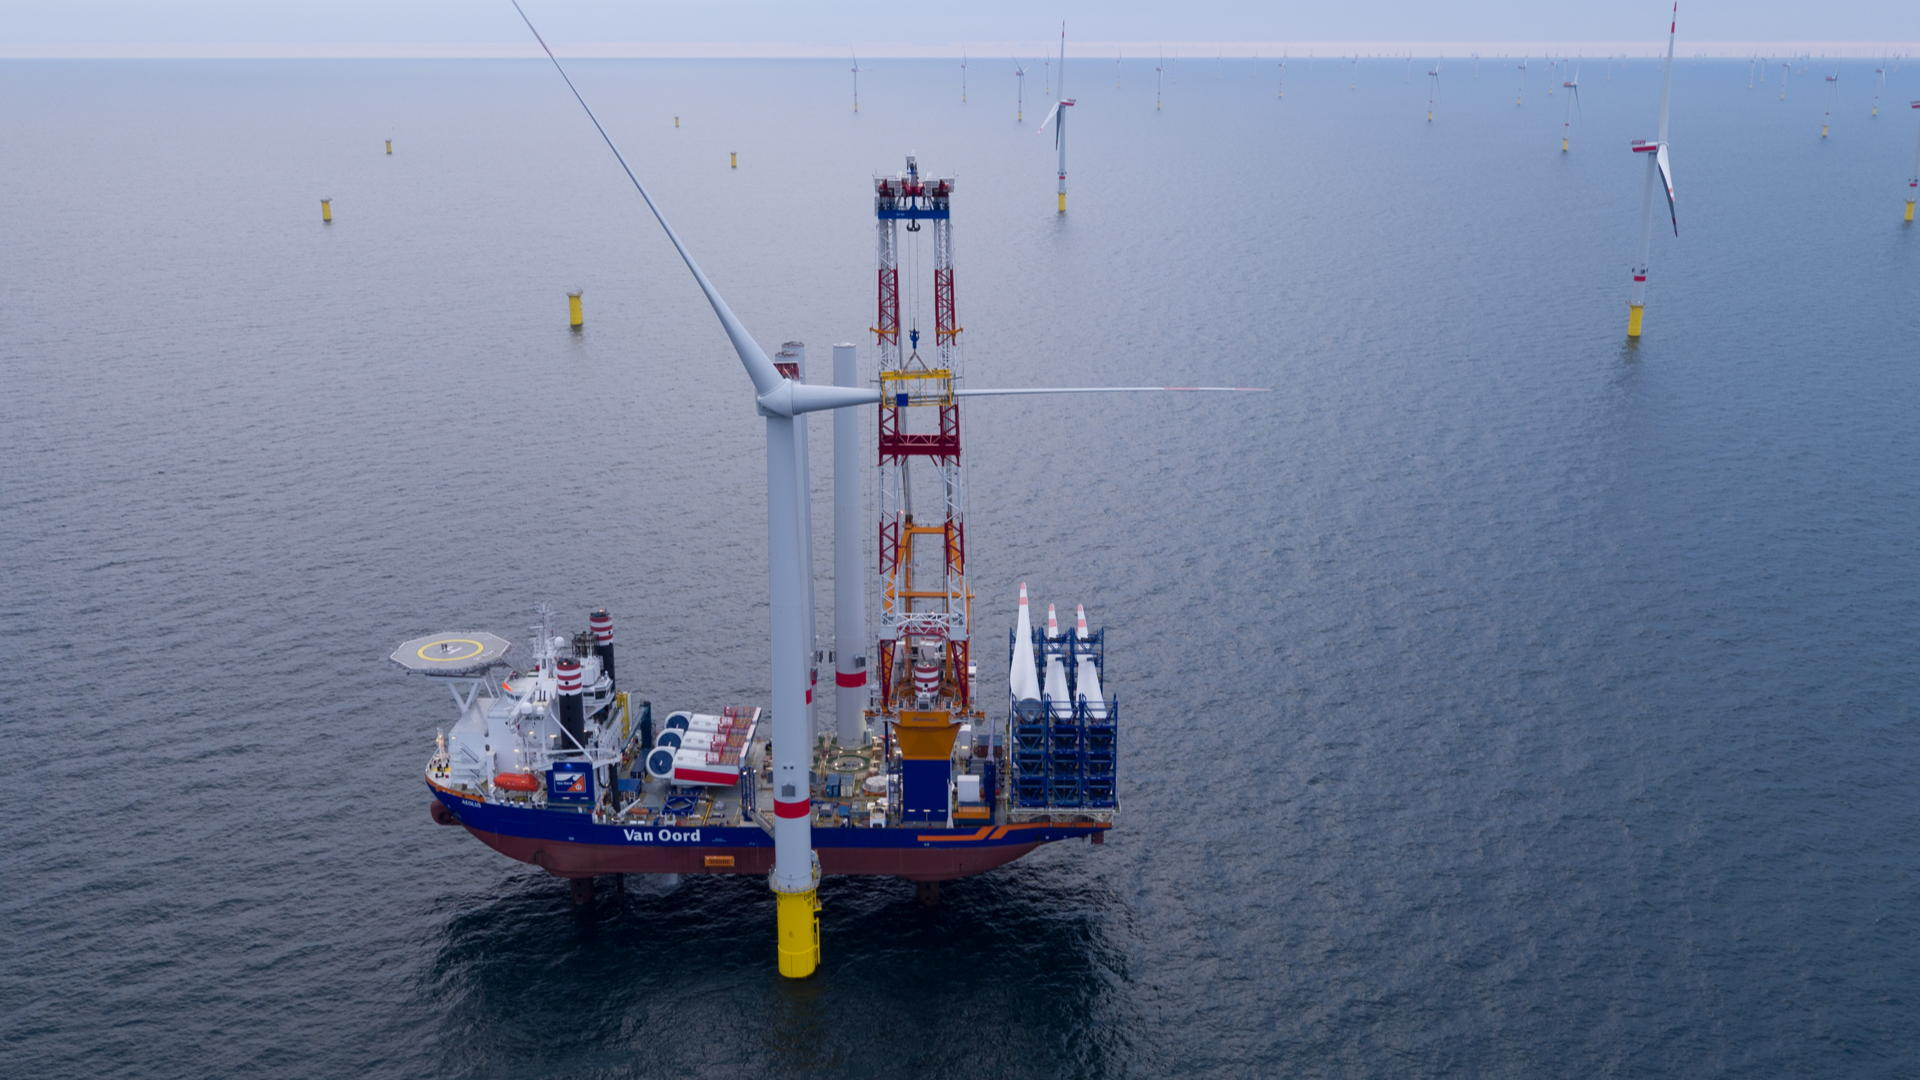 DE - Wetswijziging voor 40 GW aan offshore wind capaciteit in 2040 aangenomen